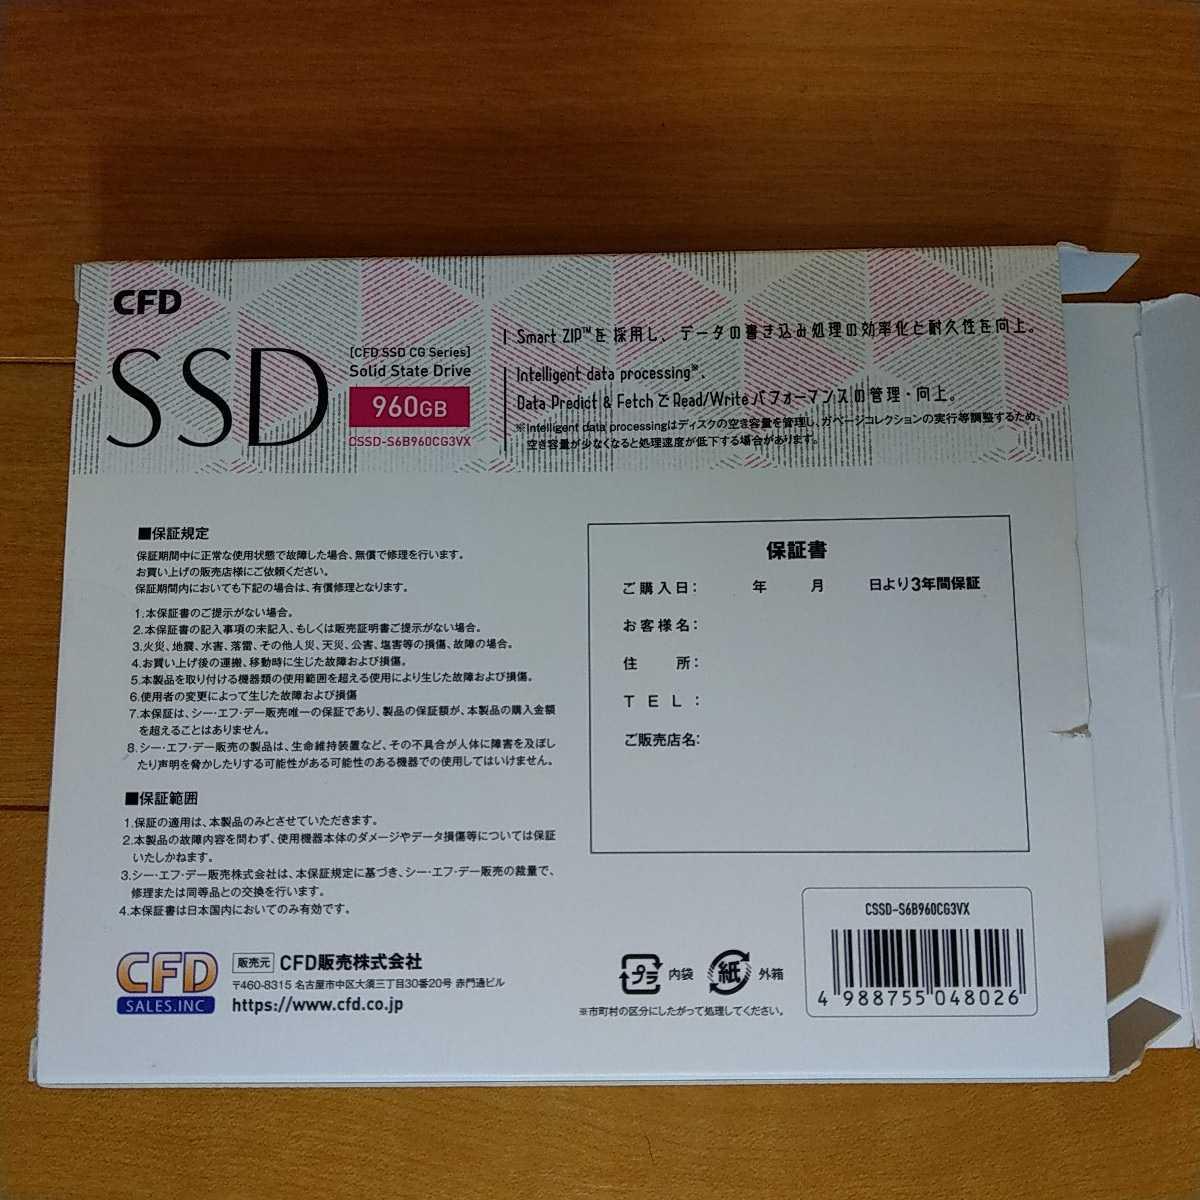 【960GB大容量】CFD 3.5インチ SSD CSSD-S6B960CG3VX その1【SATA接続】3.5inch